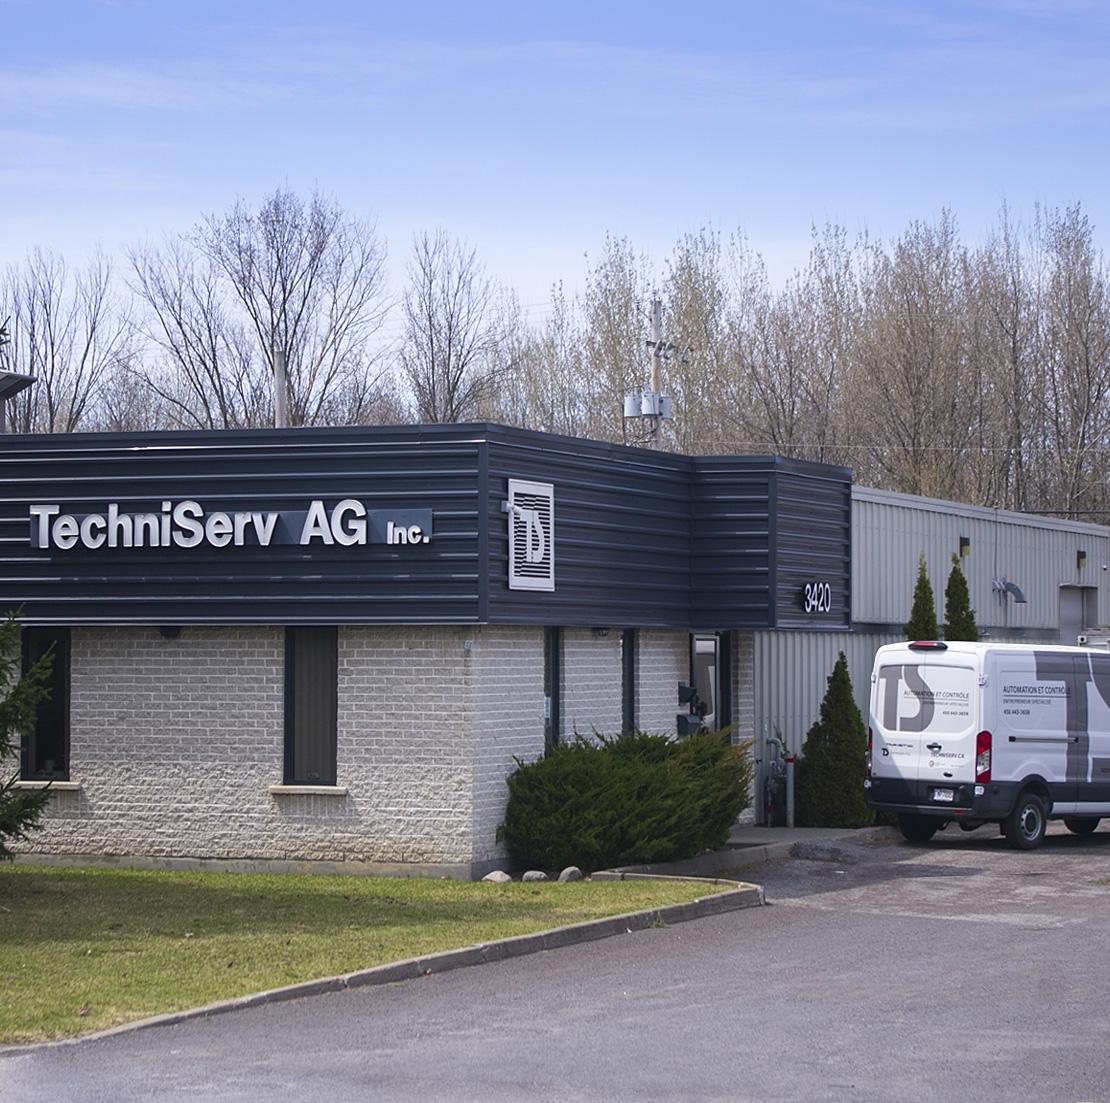 À propos - Techniserv AG